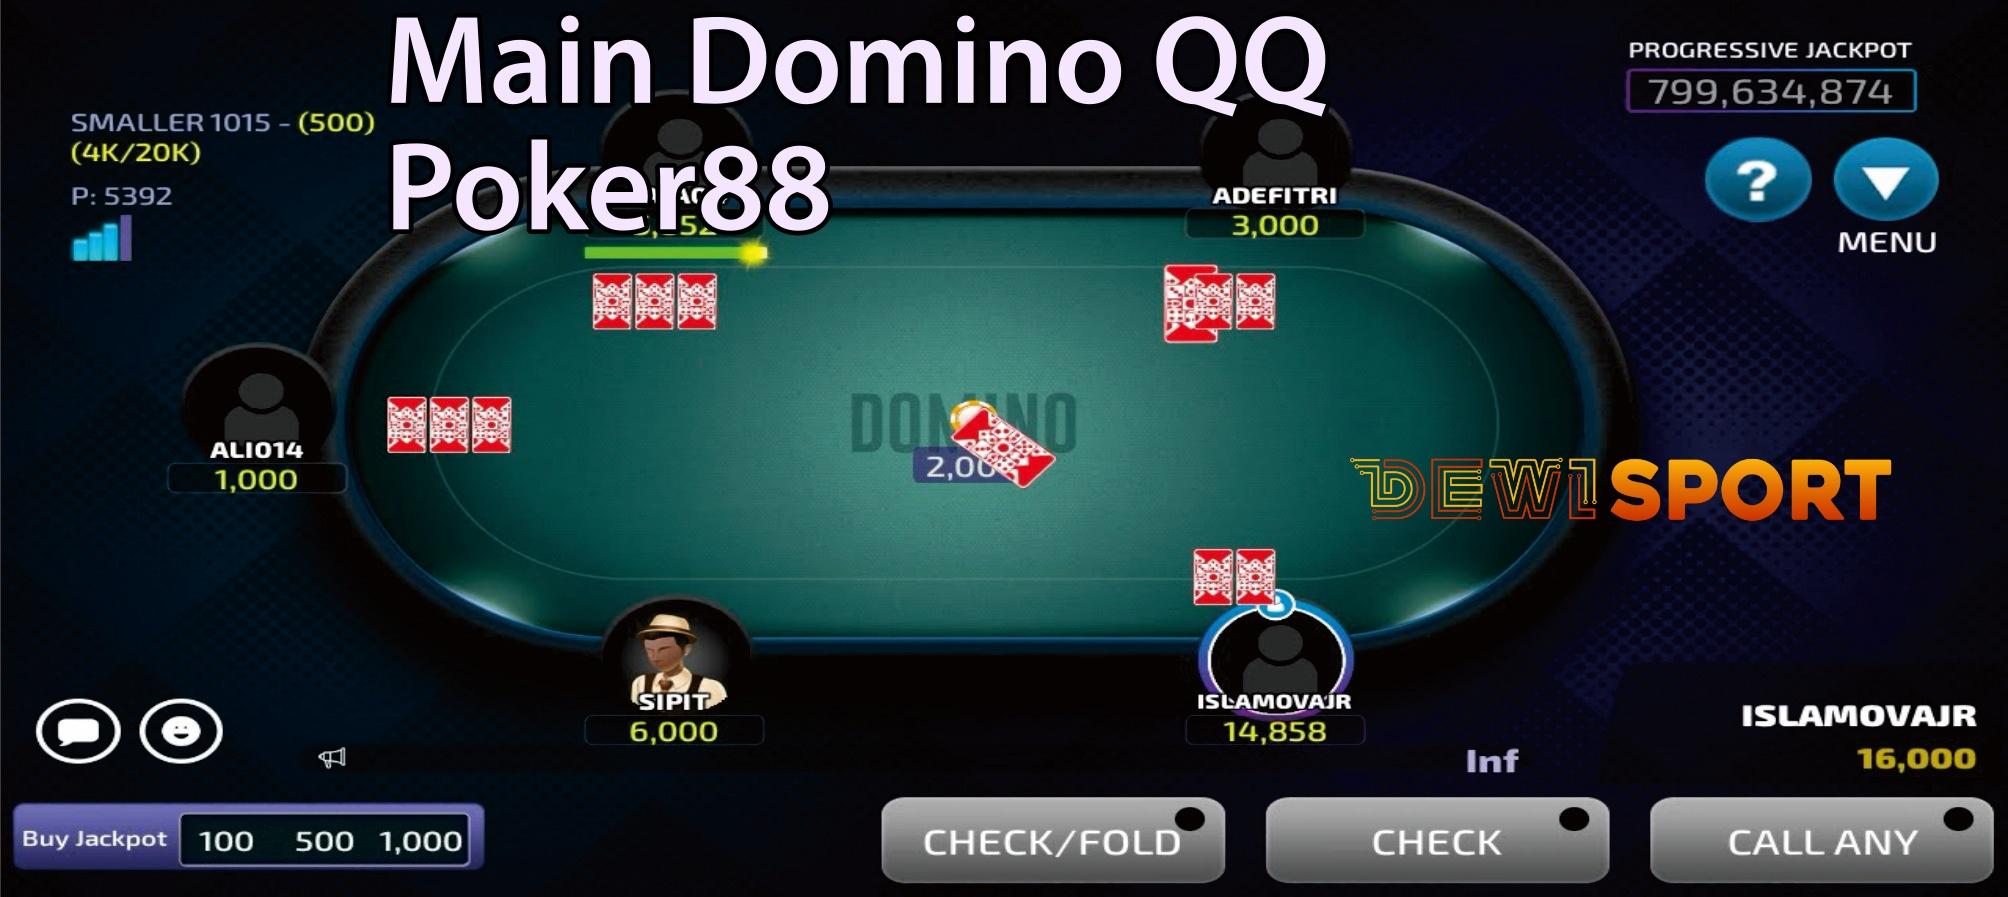 Cara Menang Main Domino QQ Poker88